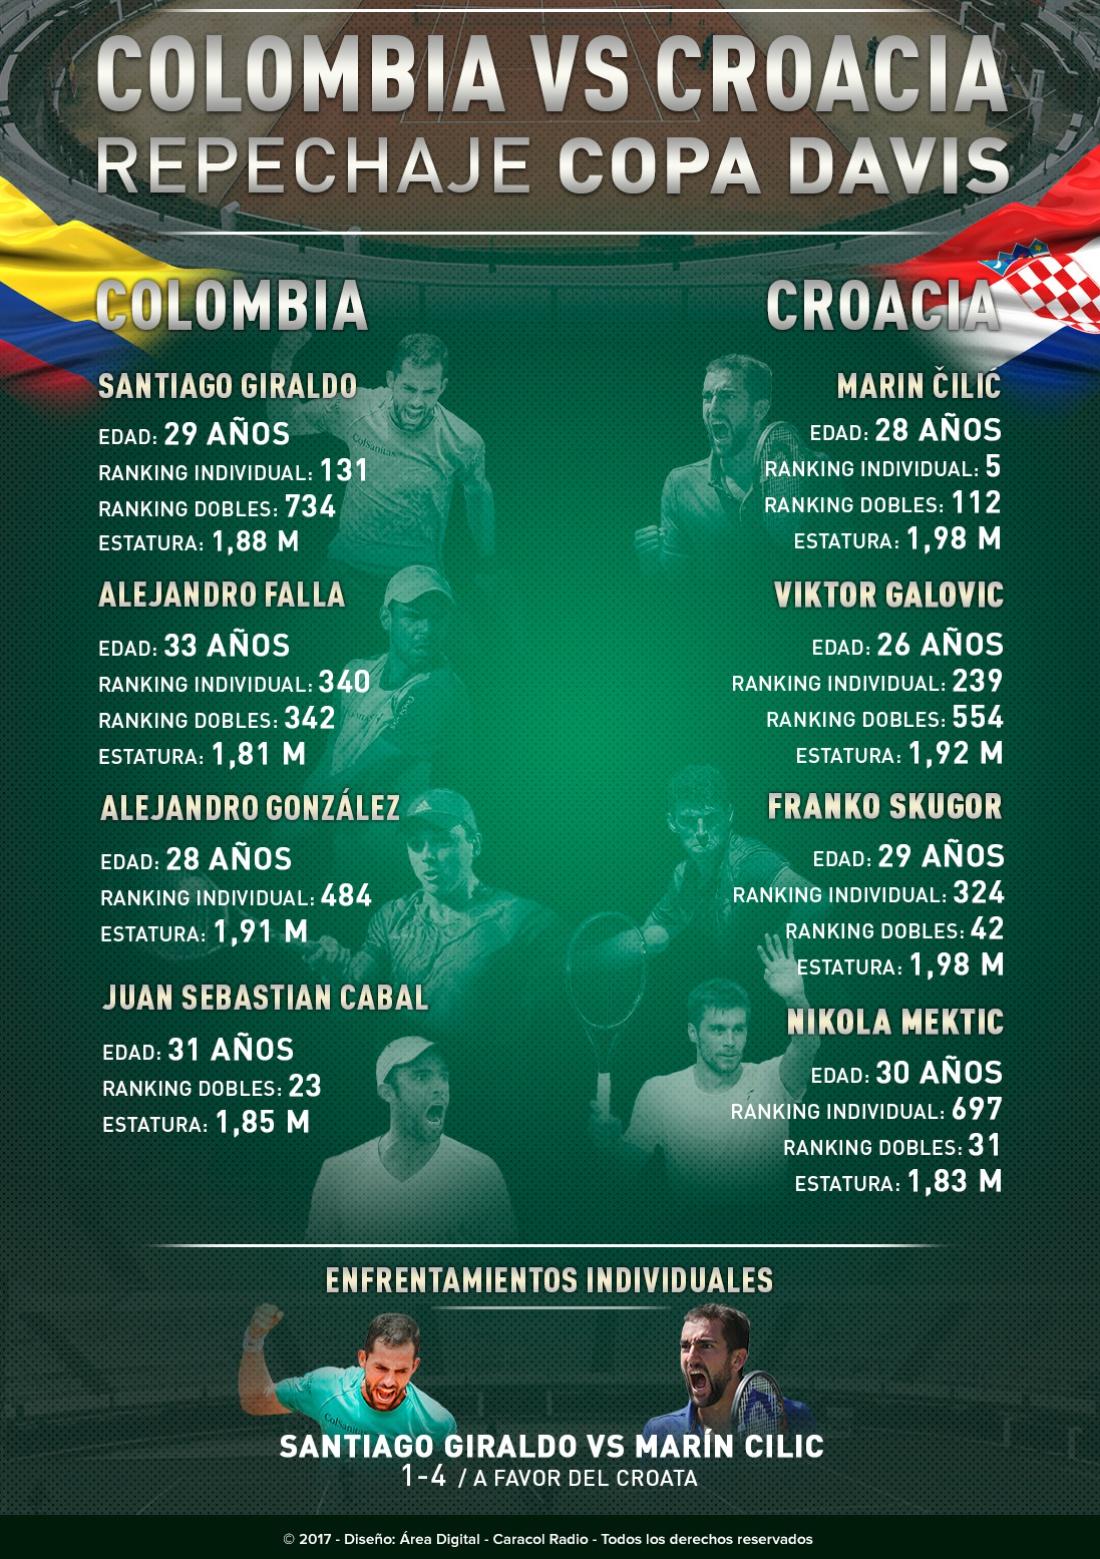 Copa Davis Colombia Croacia: Colombia Vs. Croacia, por la Copa Davis